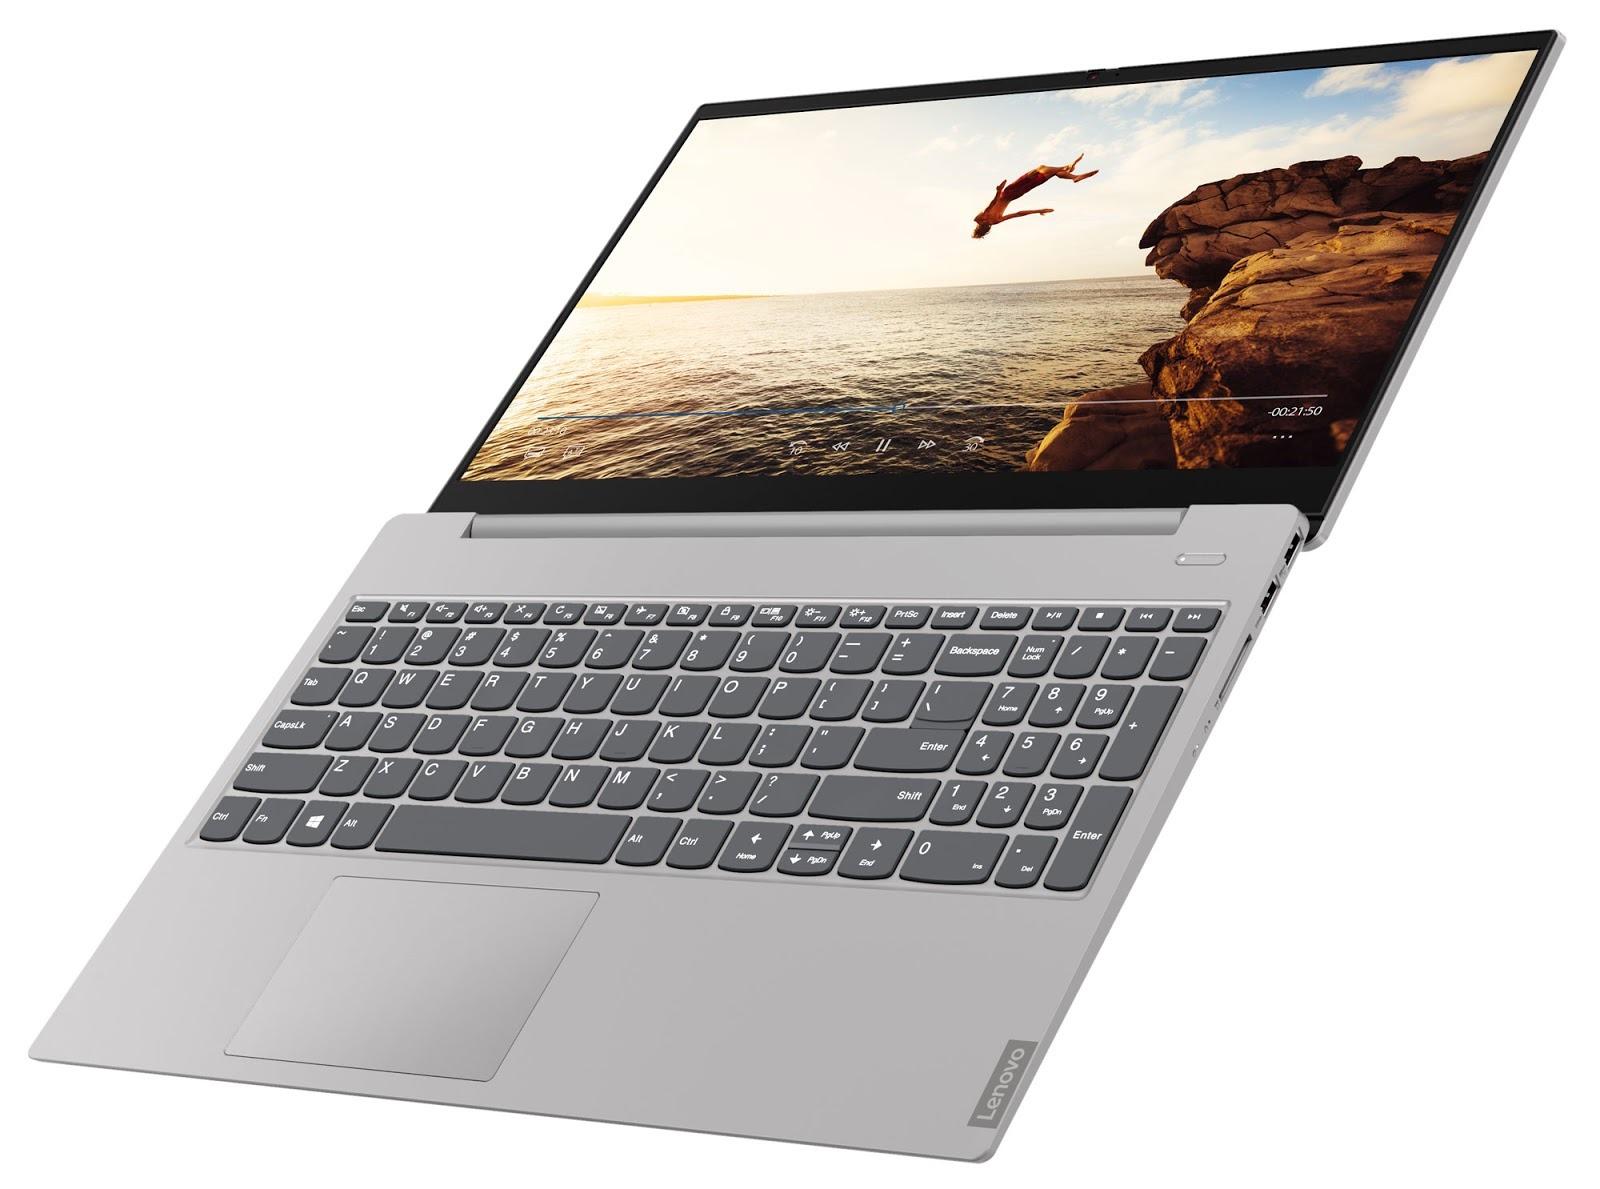 Фото 4. Ноутбук Lenovo ideapad S340-15IML (81NA009HRE)